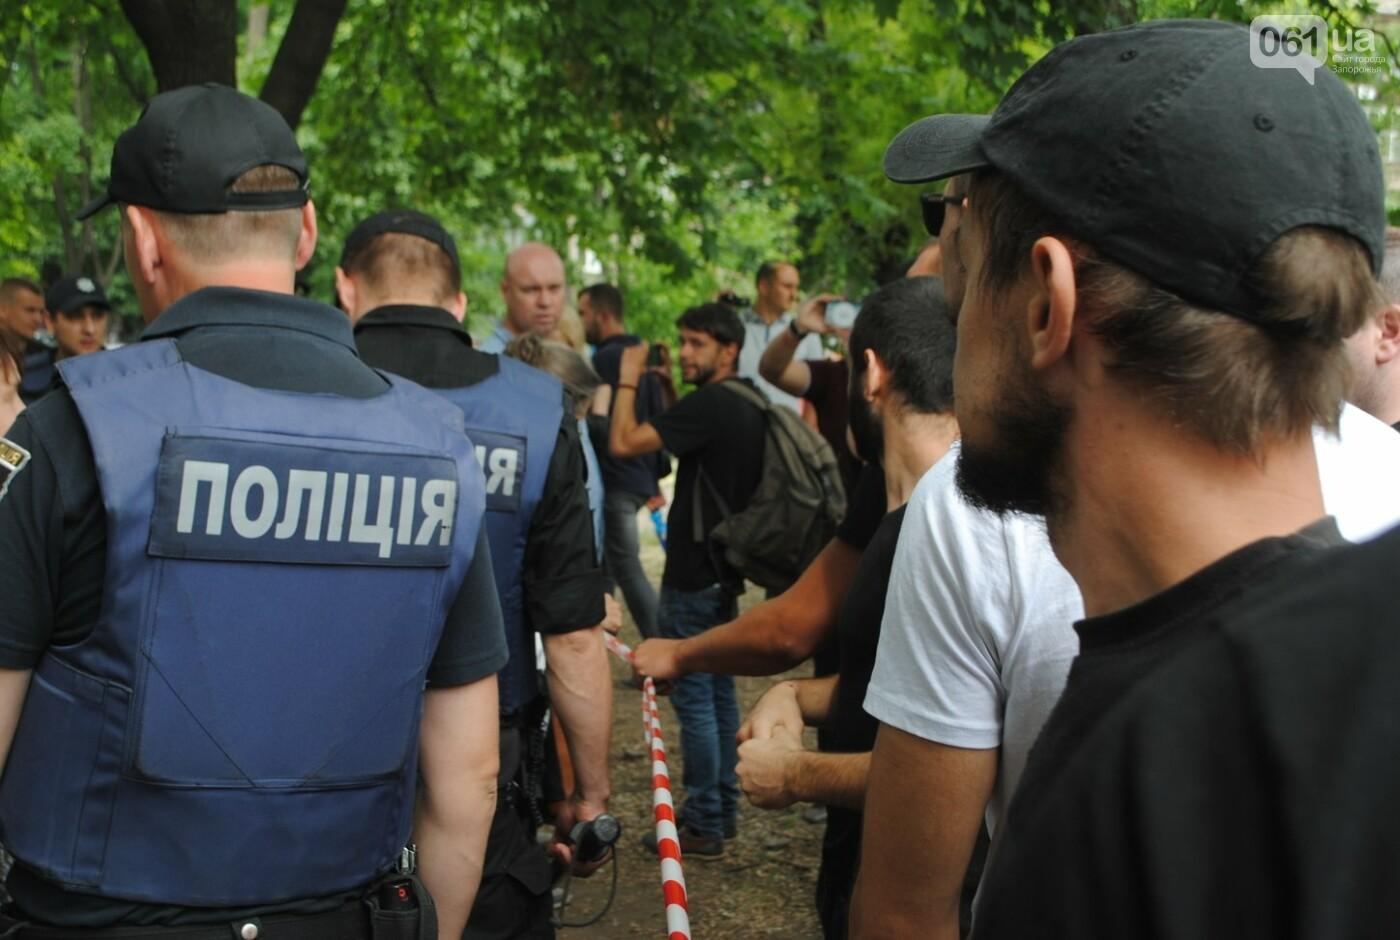 Протест в парке Яланского в лицах, - колоритный ФОТОРЕПОРТАЖ, фото-11